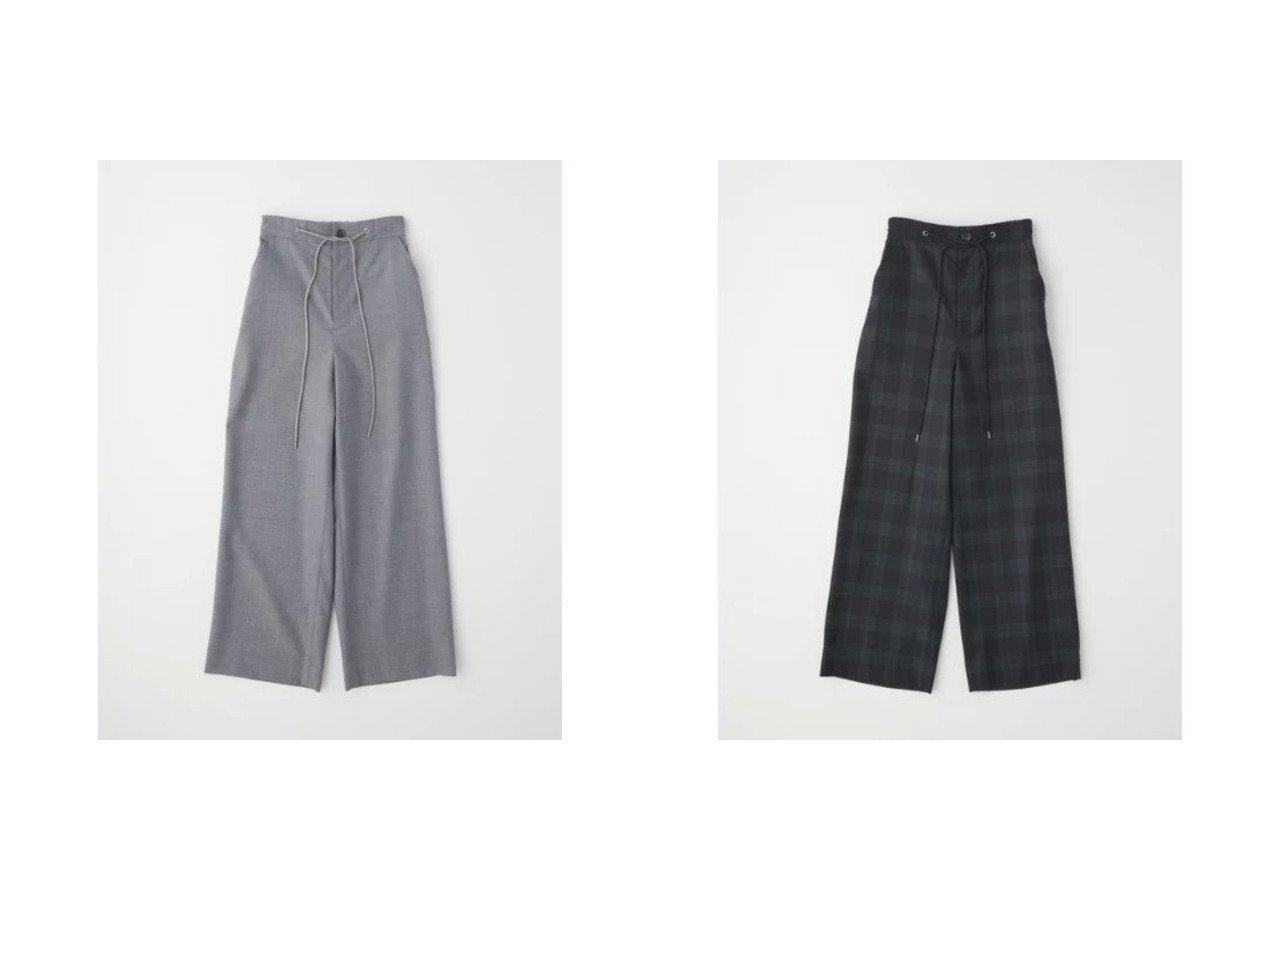 【TWW / Traditional Weatherwear/トラディショナル ウェザーウェア】の【HIGH STREET COLLECTION】WIDE EASY PANTS 【パンツ】おすすめ!人気、トレンド・レディースファッションの通販 おすすめで人気の流行・トレンド、ファッションの通販商品 インテリア・家具・メンズファッション・キッズファッション・レディースファッション・服の通販 founy(ファニー) https://founy.com/ ファッション Fashion レディースファッション WOMEN パンツ Pants おすすめ Recommend クラシック コレクション ストレッチ セットアップ ドレス リュクス |ID:crp329100000070196